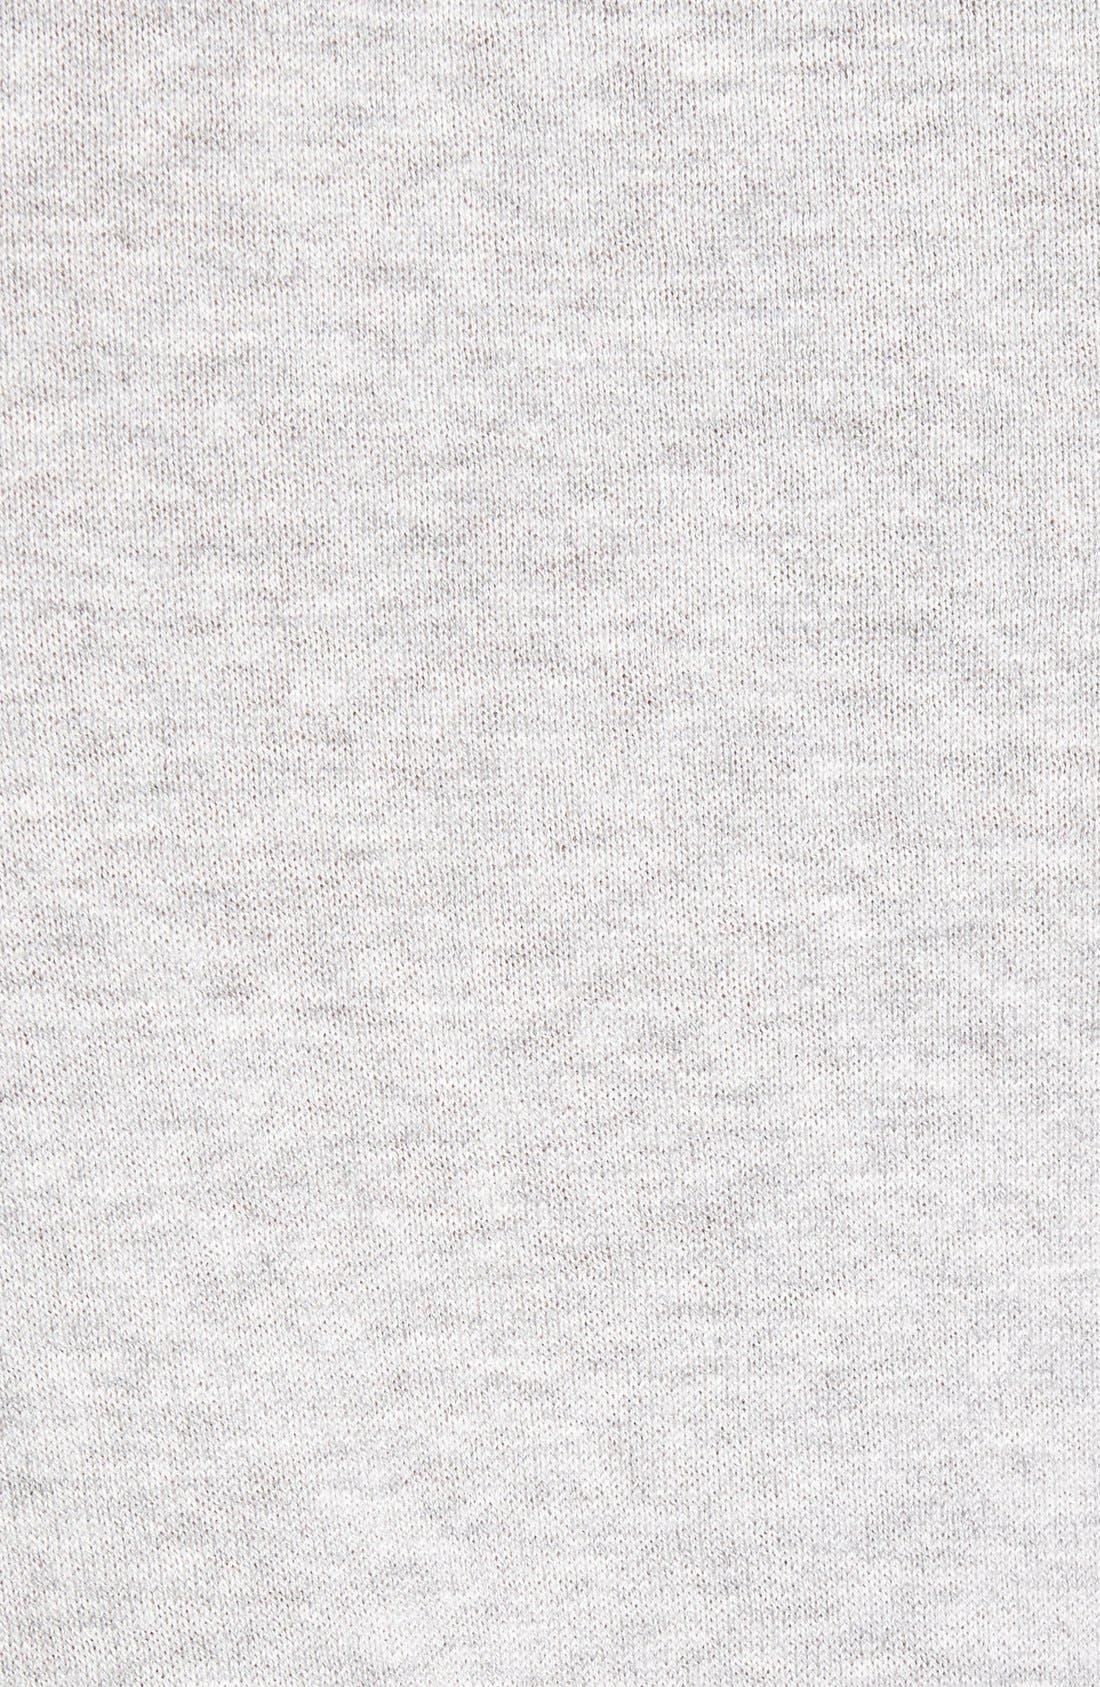 Brit Richmond Cotton & Cashmere Sweater,                             Alternate thumbnail 5, color,                             Pale Grey Melange